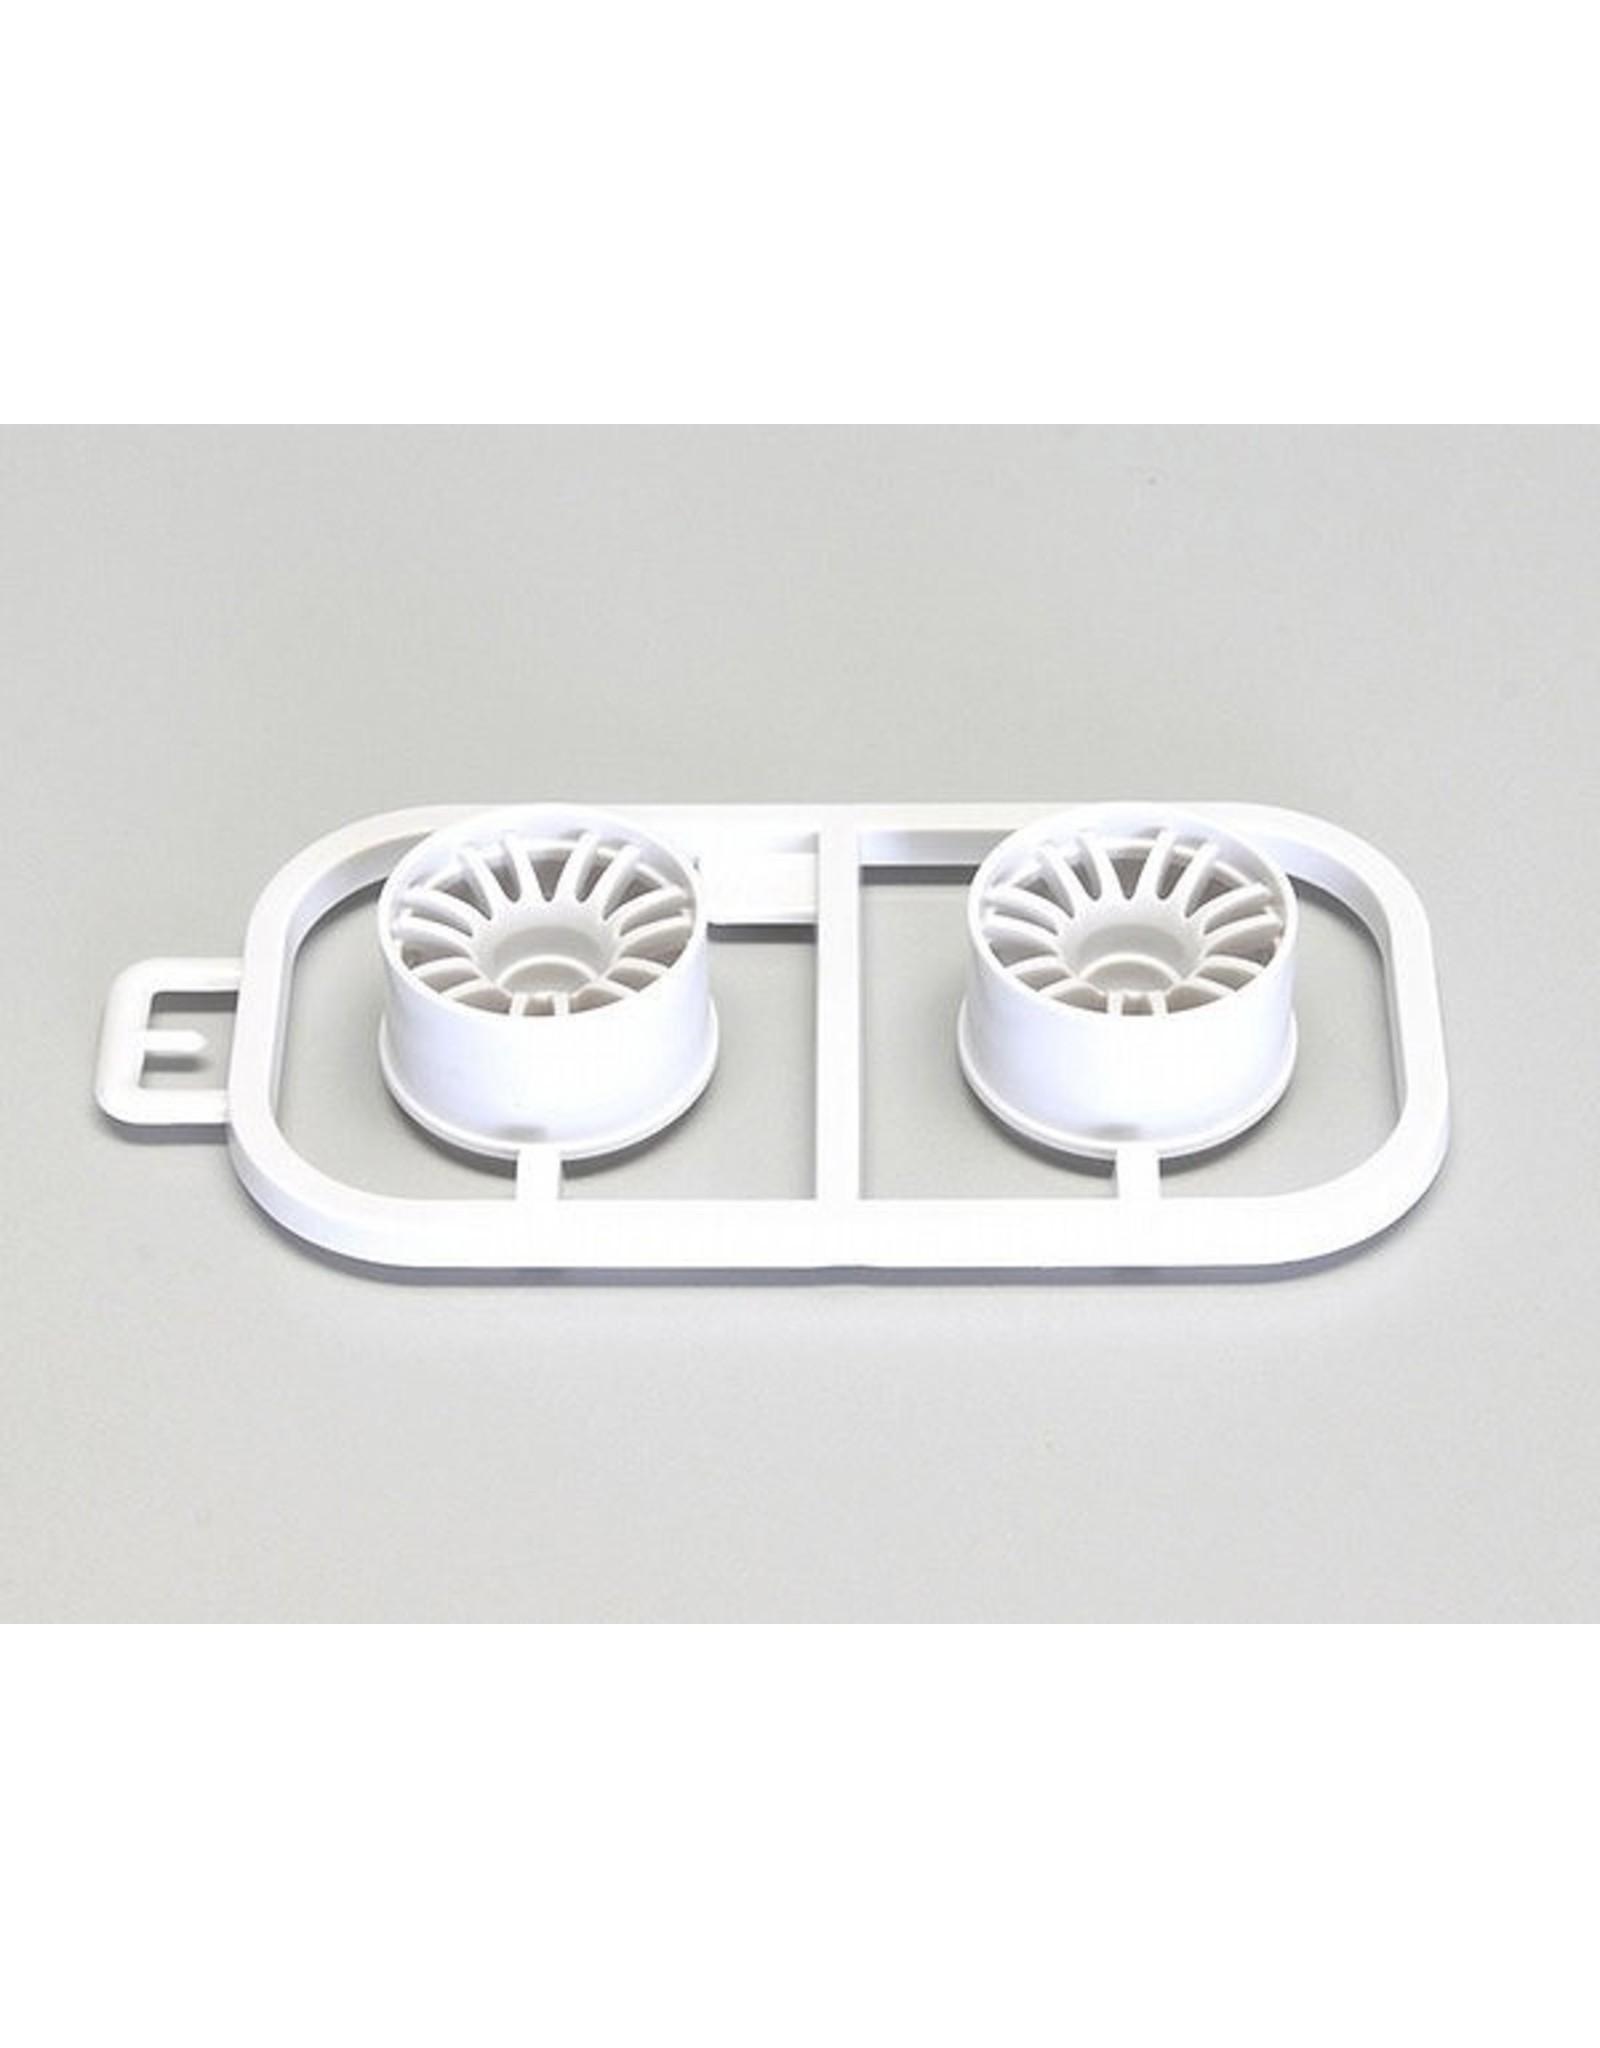 Kyosho Multi Wheel II W/Offset 2 (White/RE30/2pcs) (MZH131W-W2)